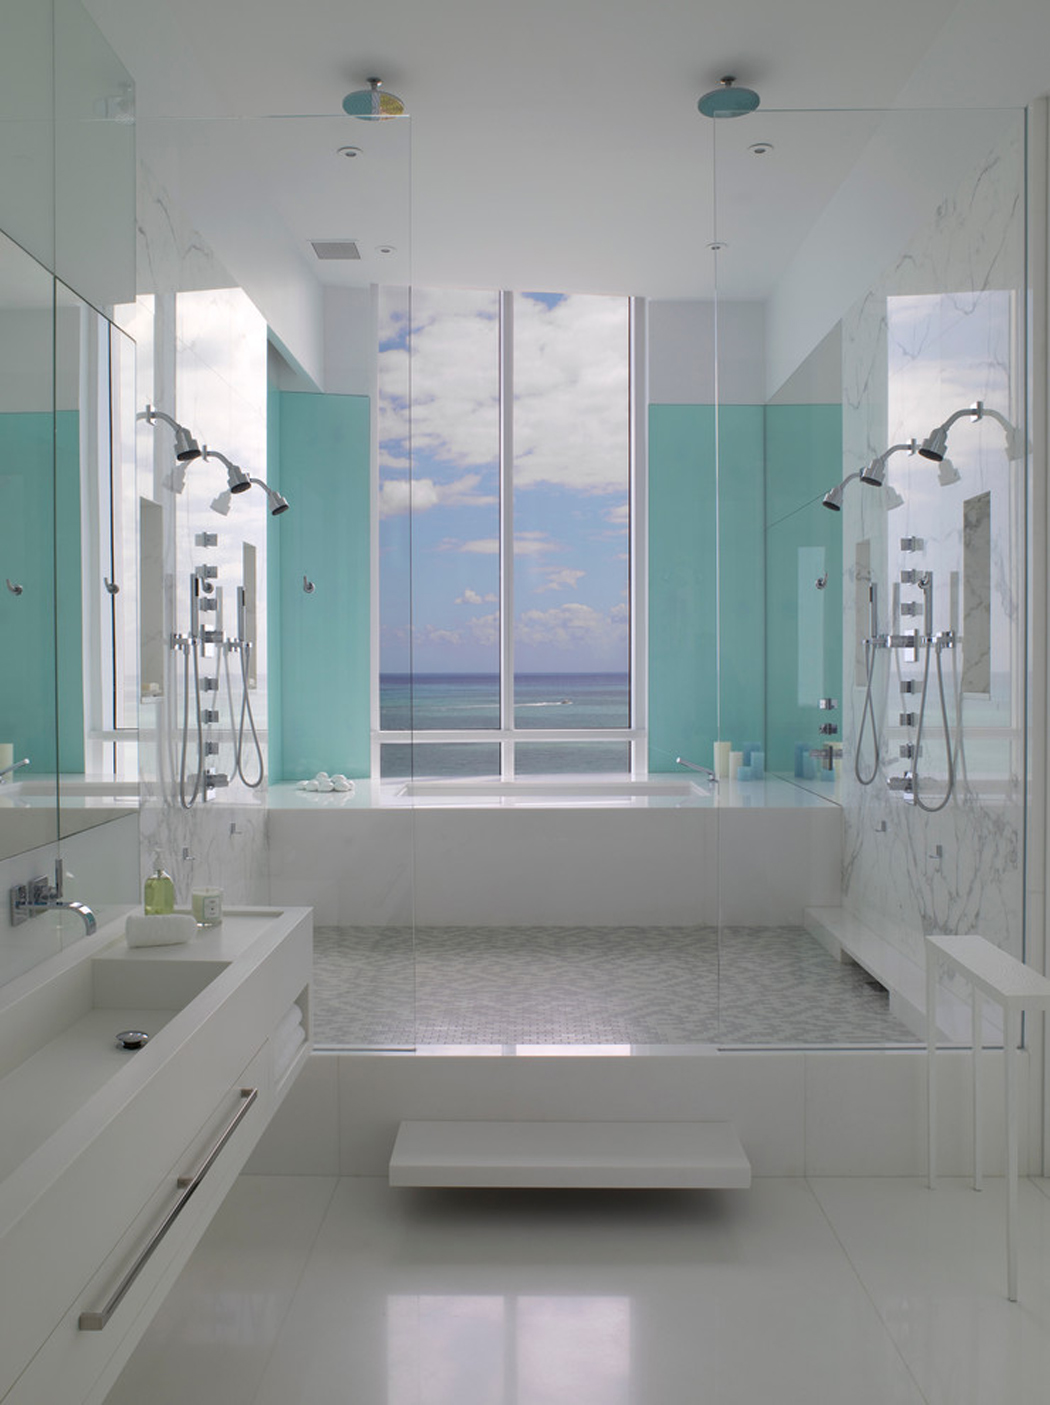 Pics photos maison design pour salle de bain fun - Salle de bain design ...